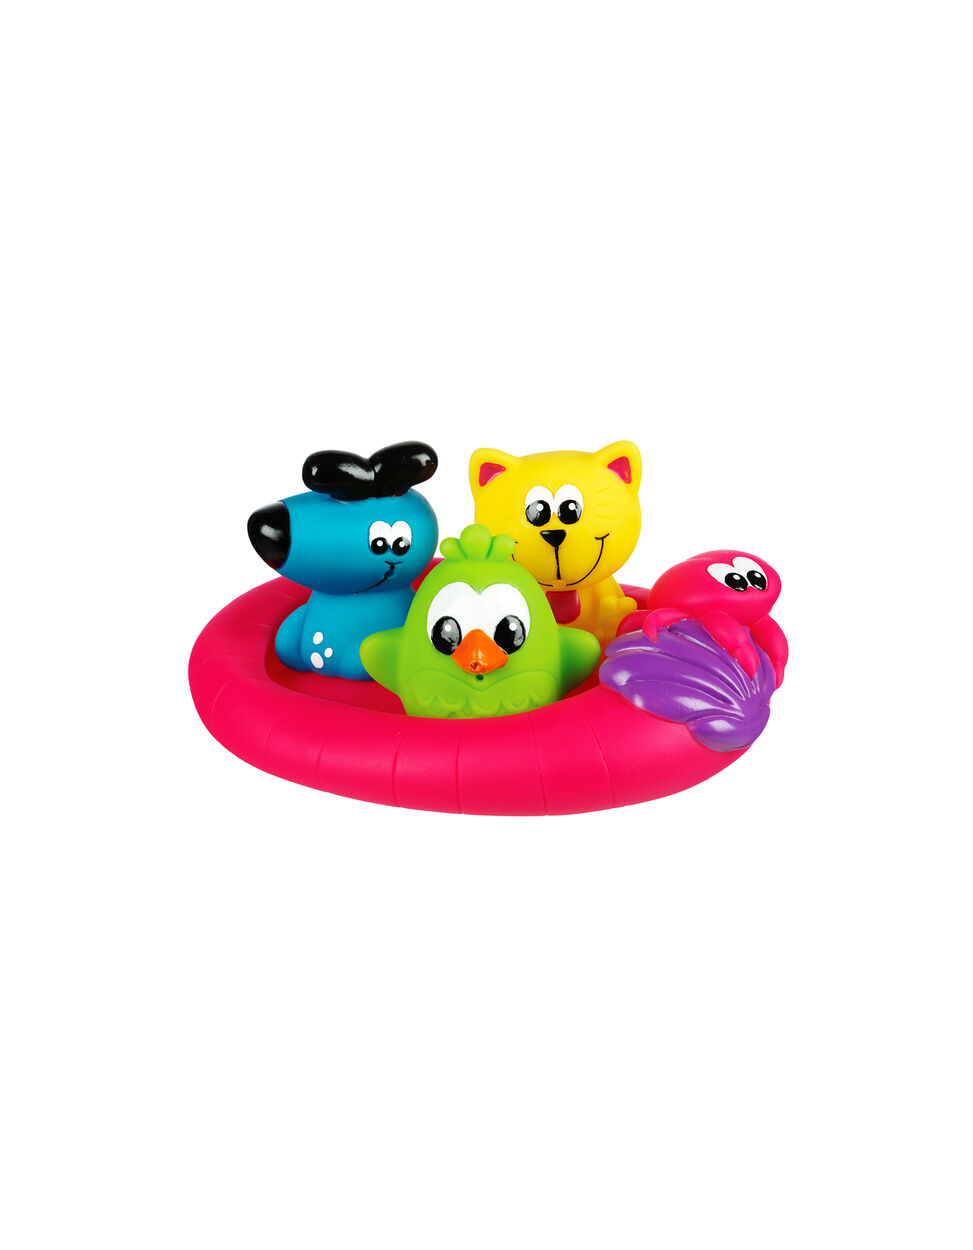 Brinquedo de Banho Amigos Flutuantes Playgro